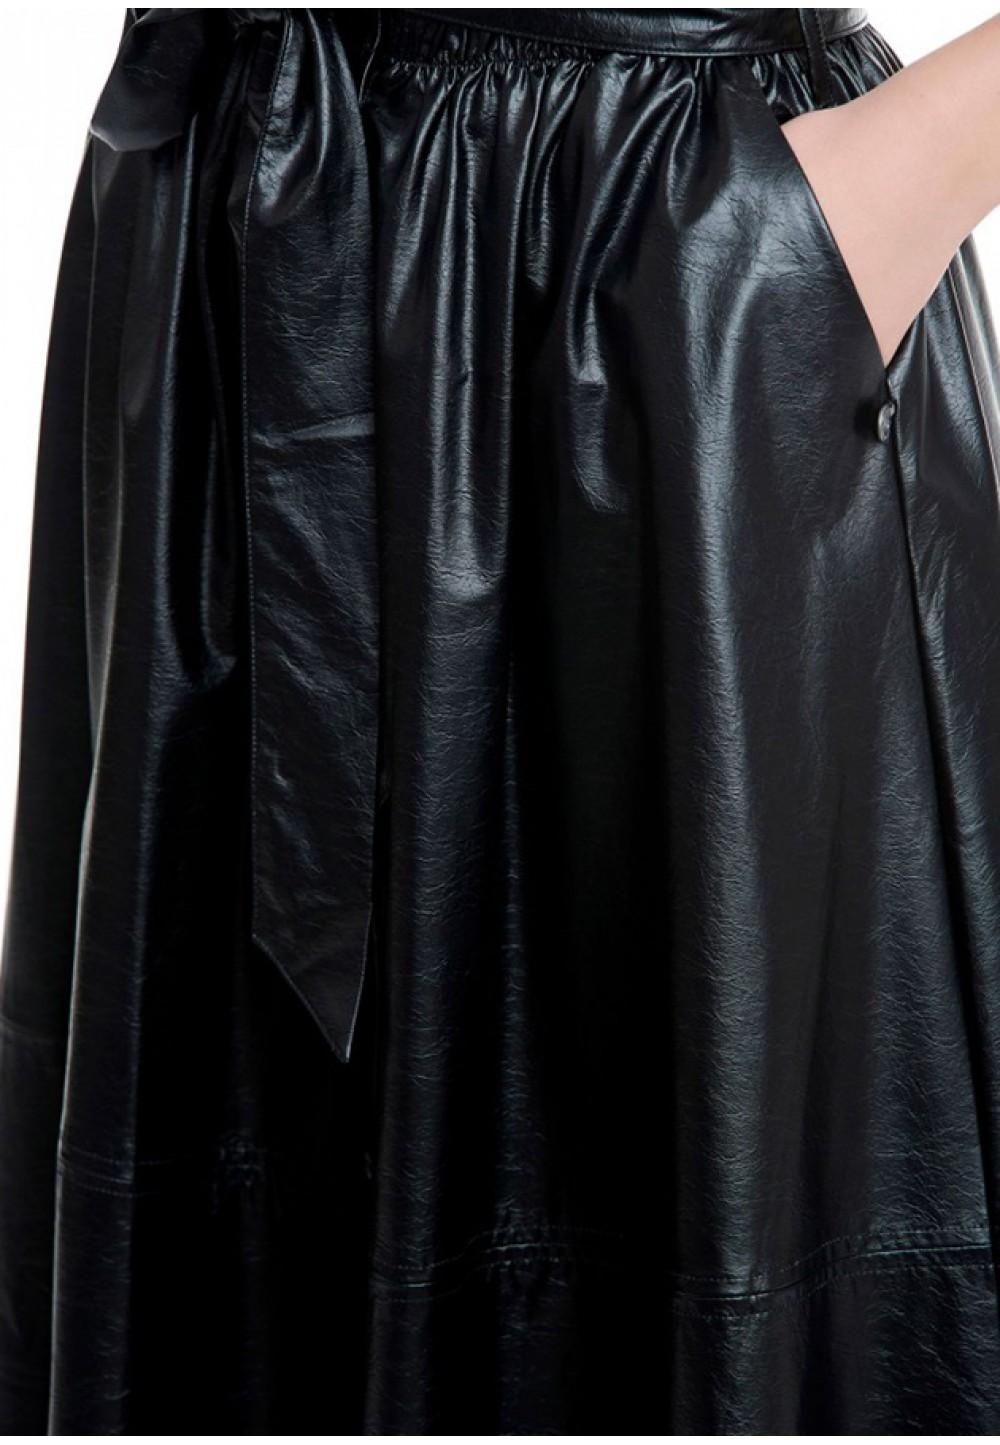 Стильная юбка ниже колена черного цвета